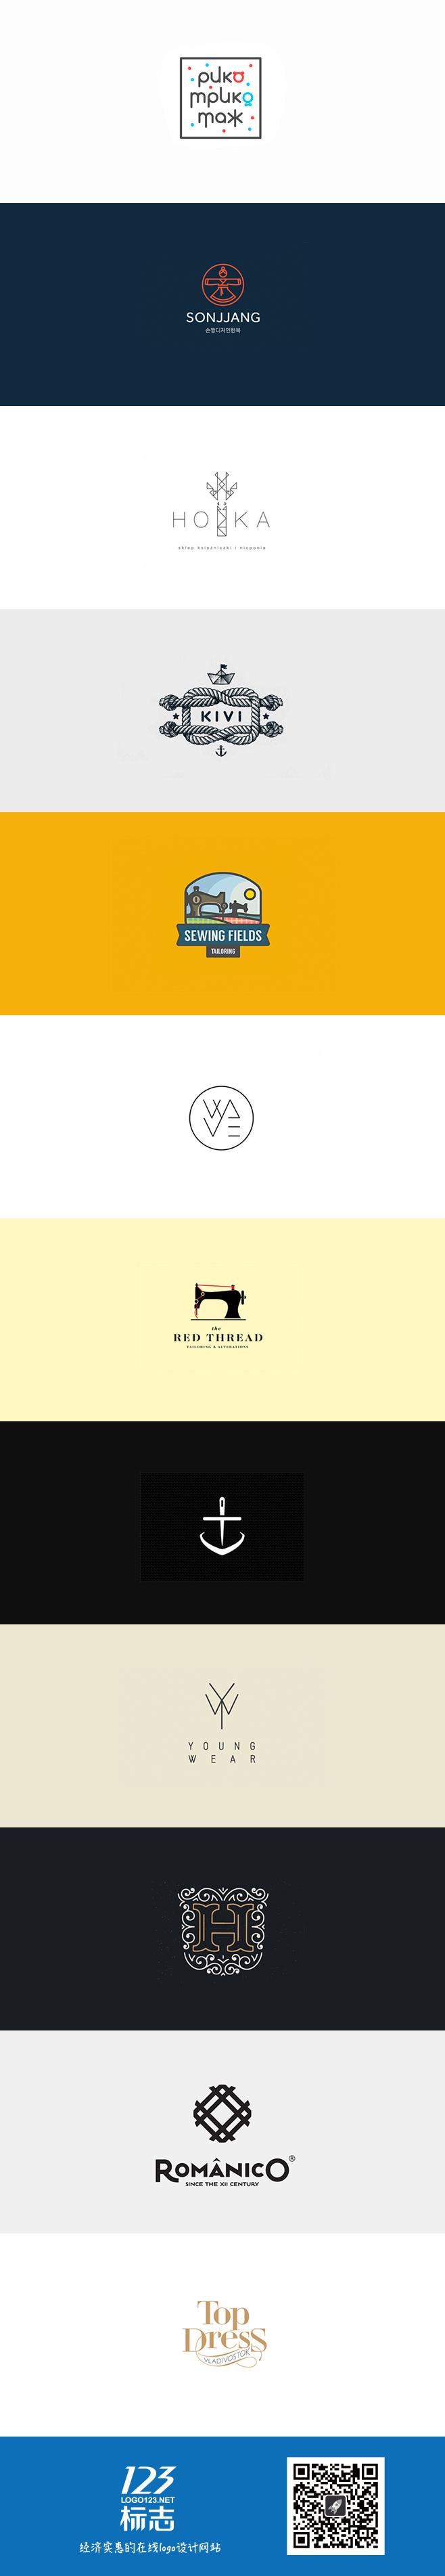 时尚服装品牌元素logo设计集锦